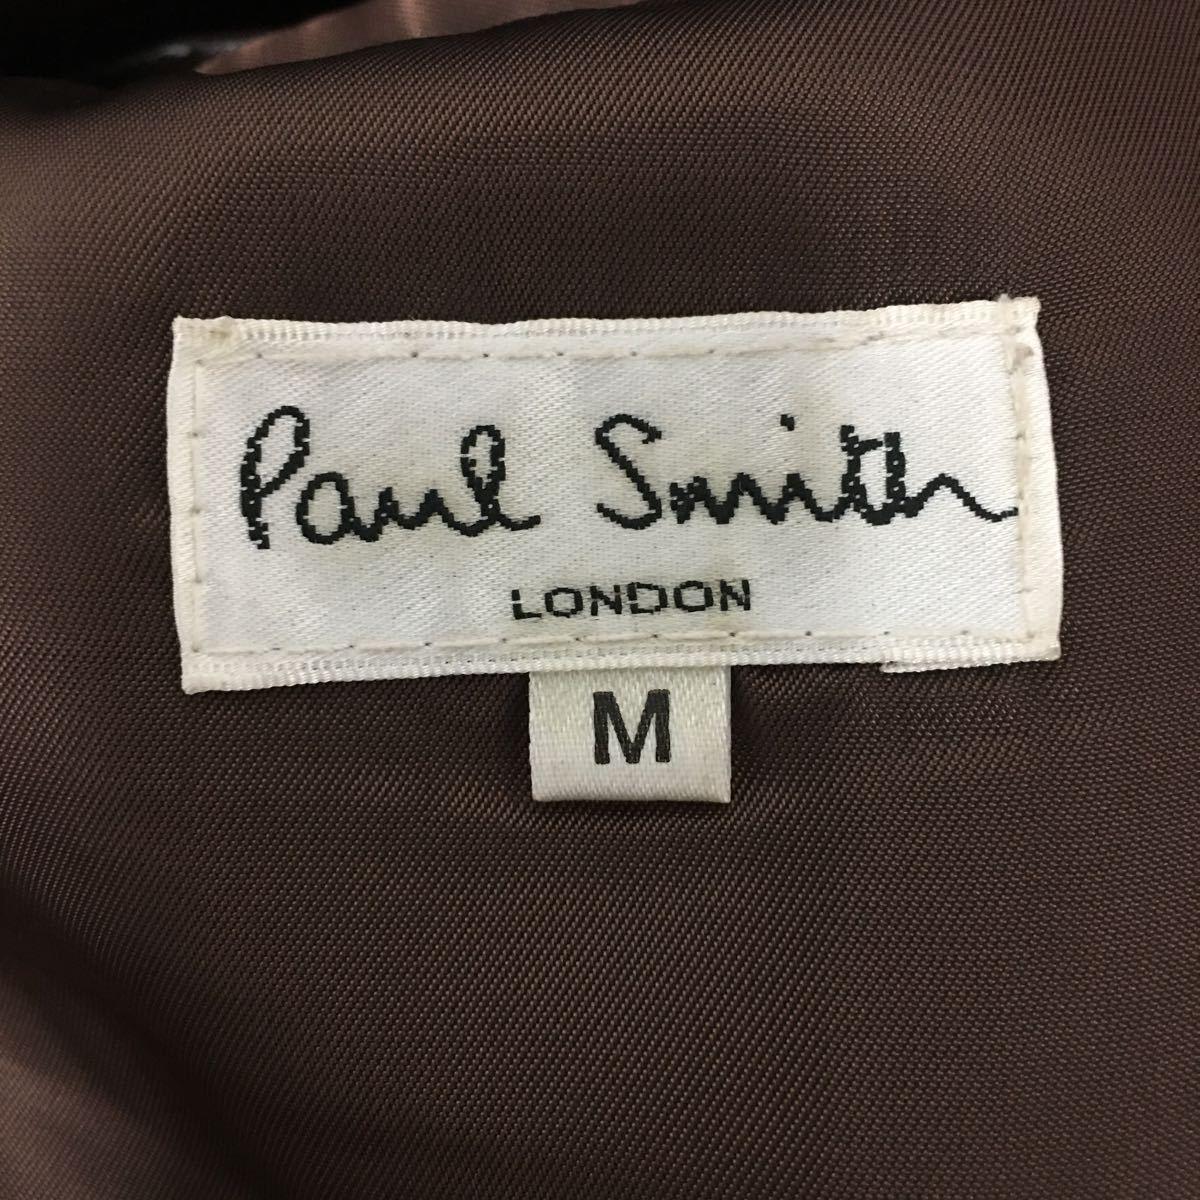 【Paul smith】ポールスミス★オーストリッチ型押し レザー テーラードジャケット size:M ラムレザー 羊革 メンズ 04_画像6